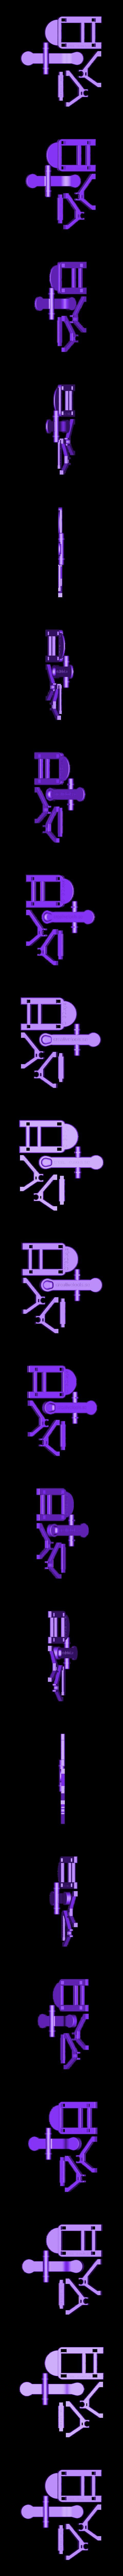 Catapult_Assembly_(Modular Castle Playset - 3D-printable)_By_CreativeTools.se.stl Télécharger fichier STL gratuit Plateau modulaire de château (imprimable en 3D) • Modèle à imprimer en 3D, CreativeTools